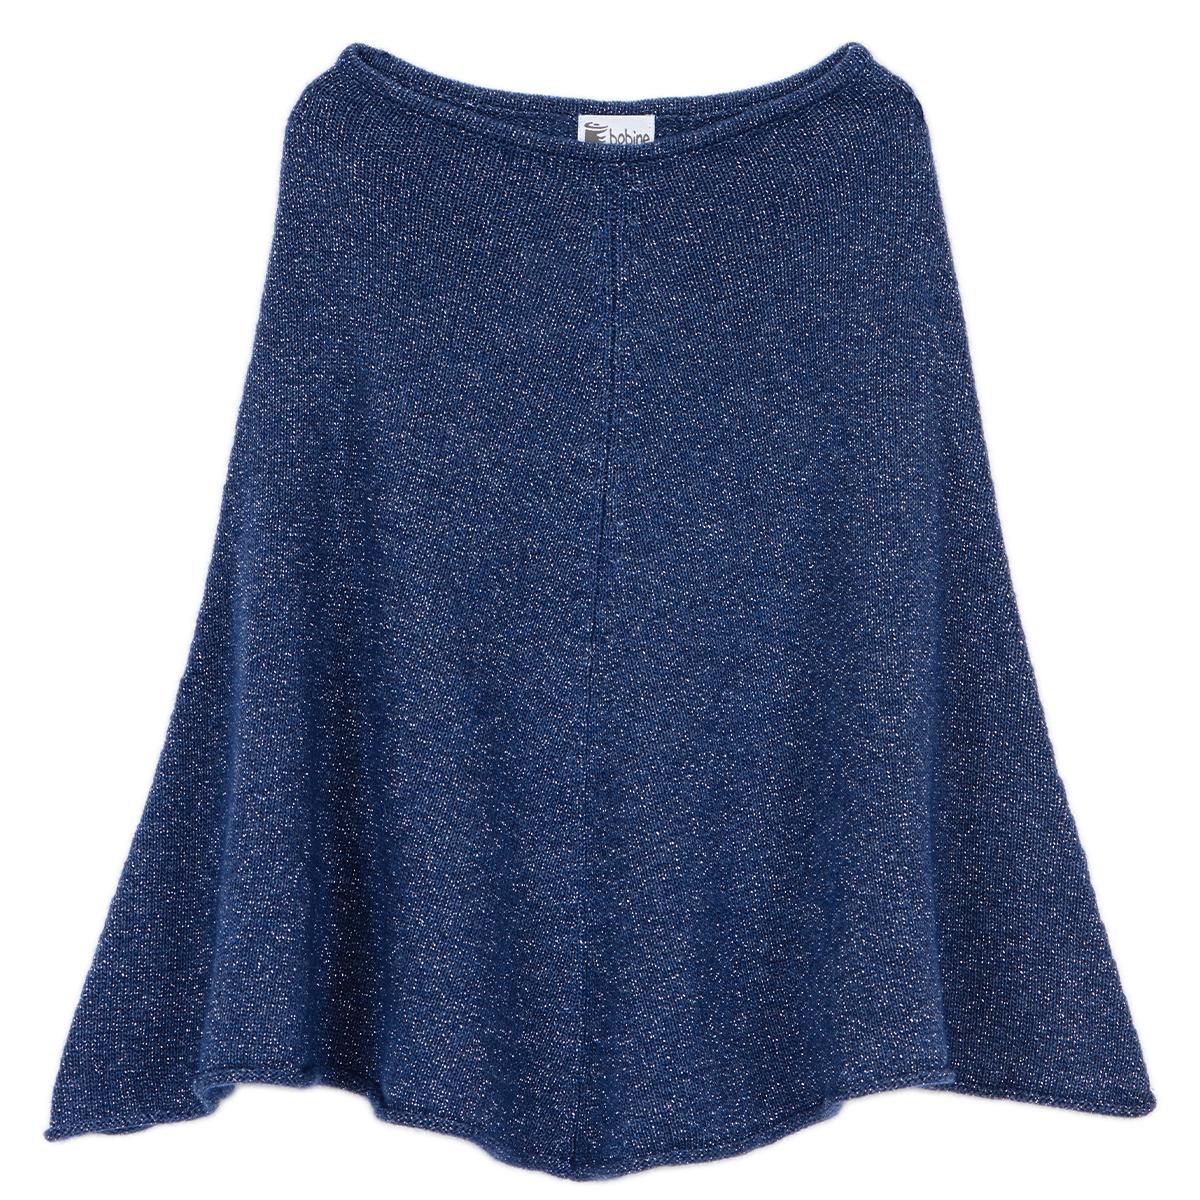 Poncho fille - Bleu jean pailleté